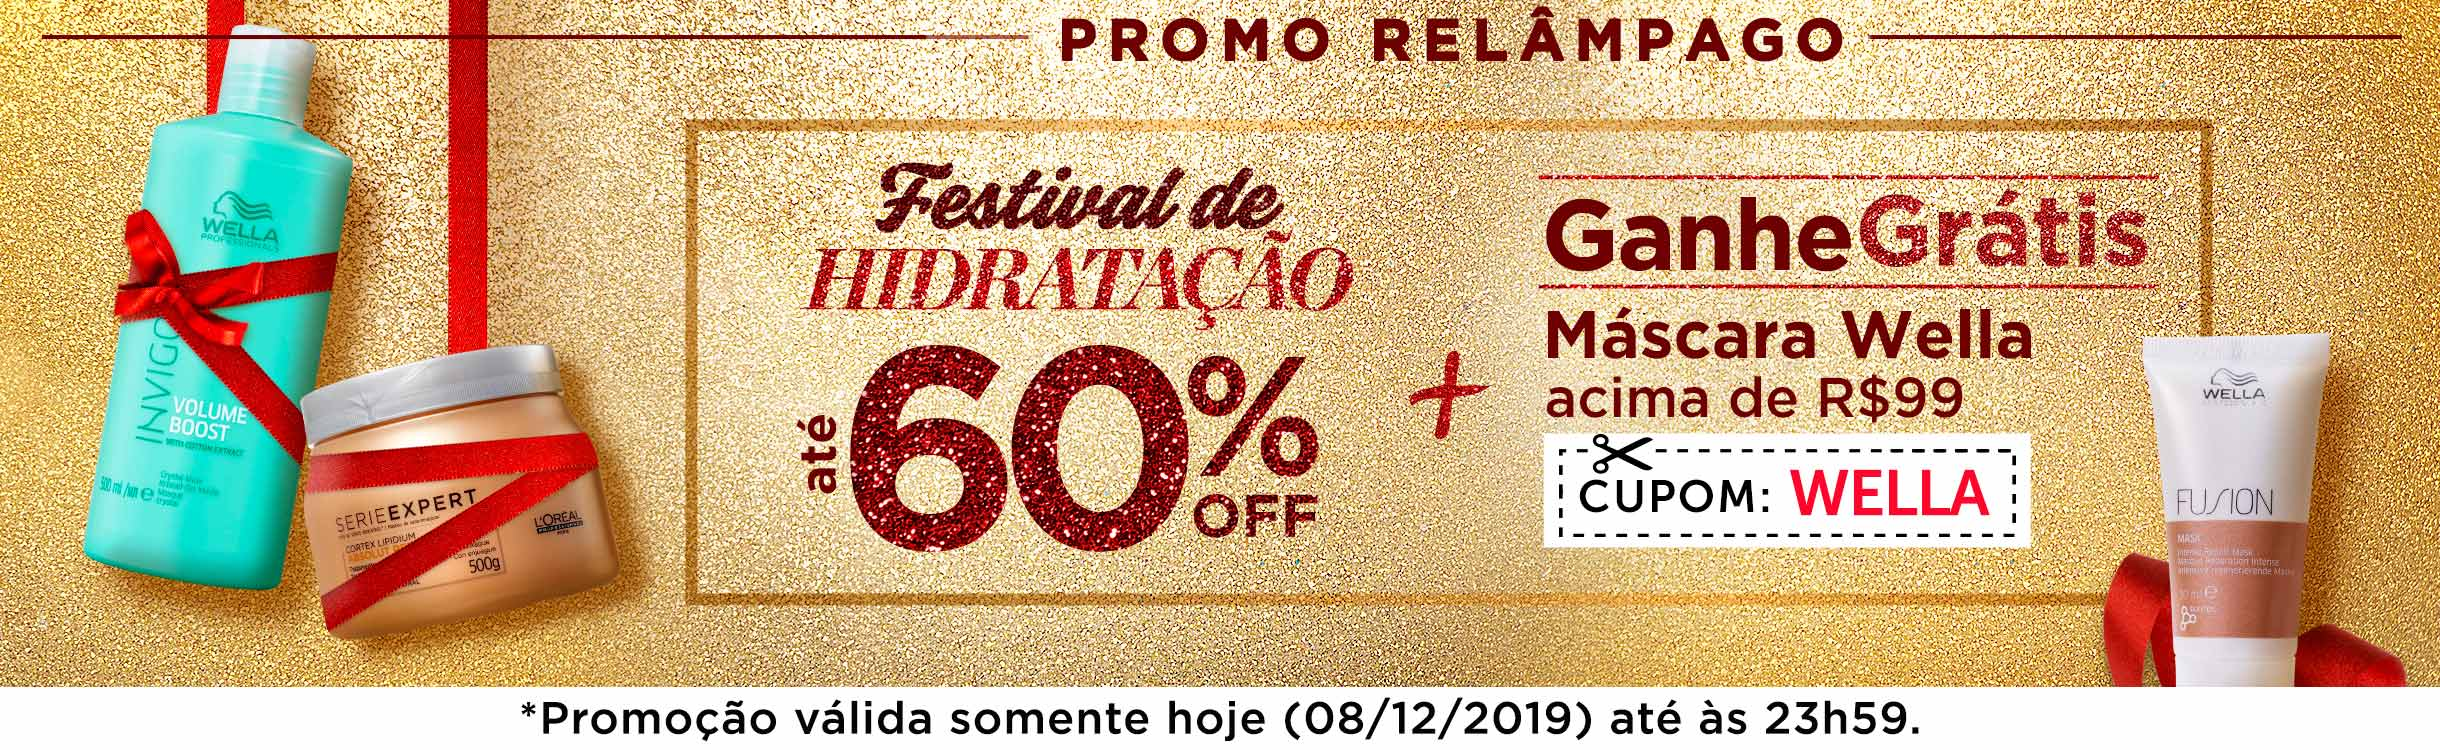 Festival da Hidratação até 60% OFF!